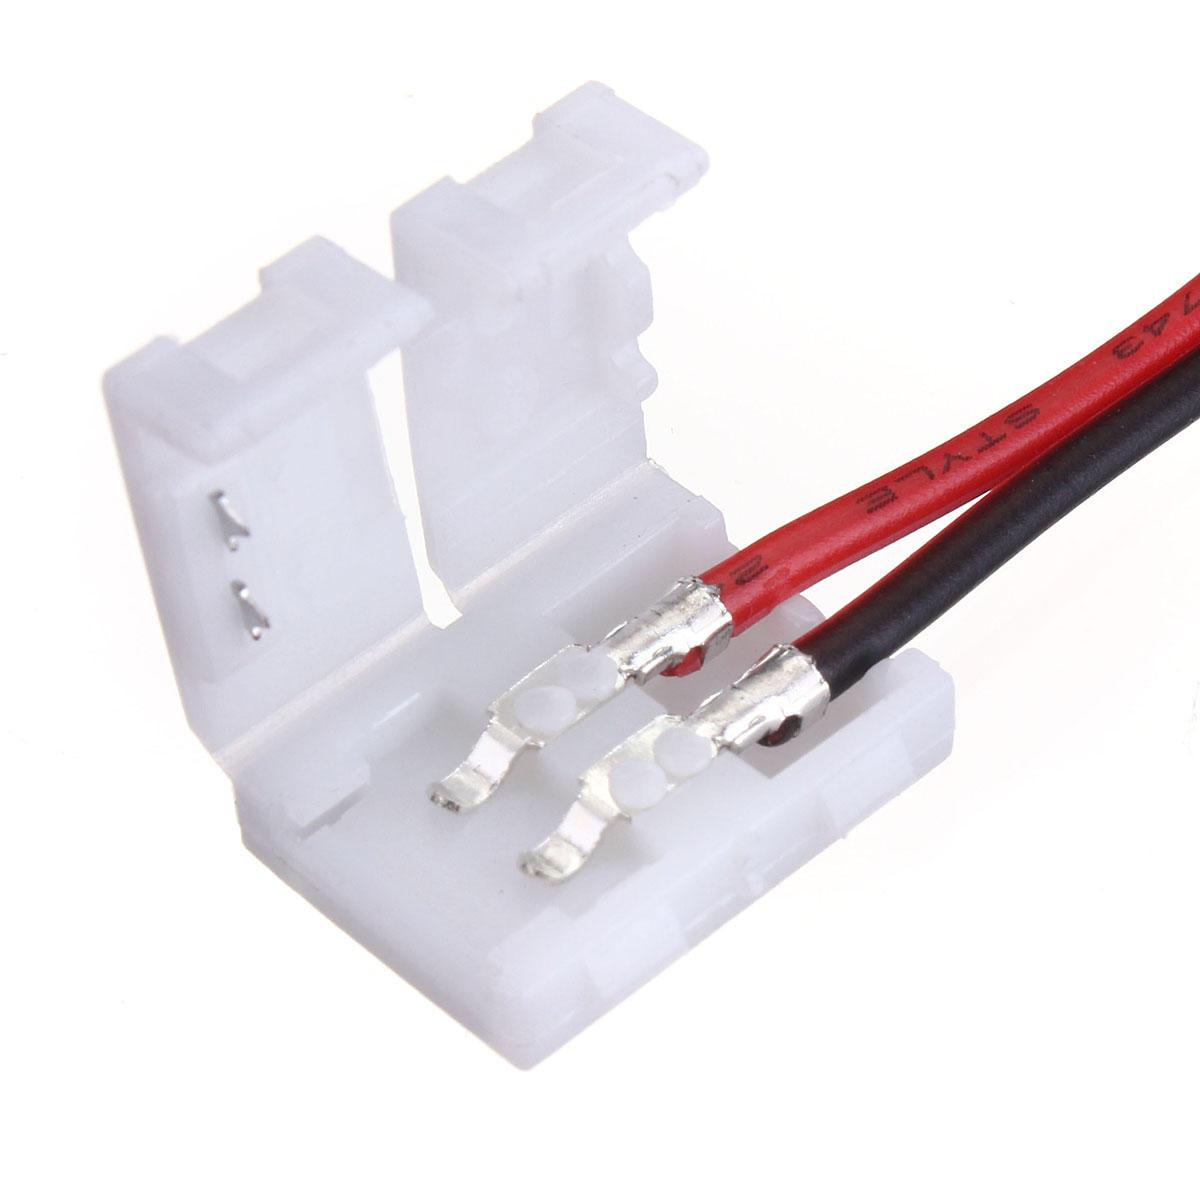 5x10 มม. 5050 ไฟ LED สตริปไปที่ ลวด เชื่อมต่อ PCB Adapter 2Pin White